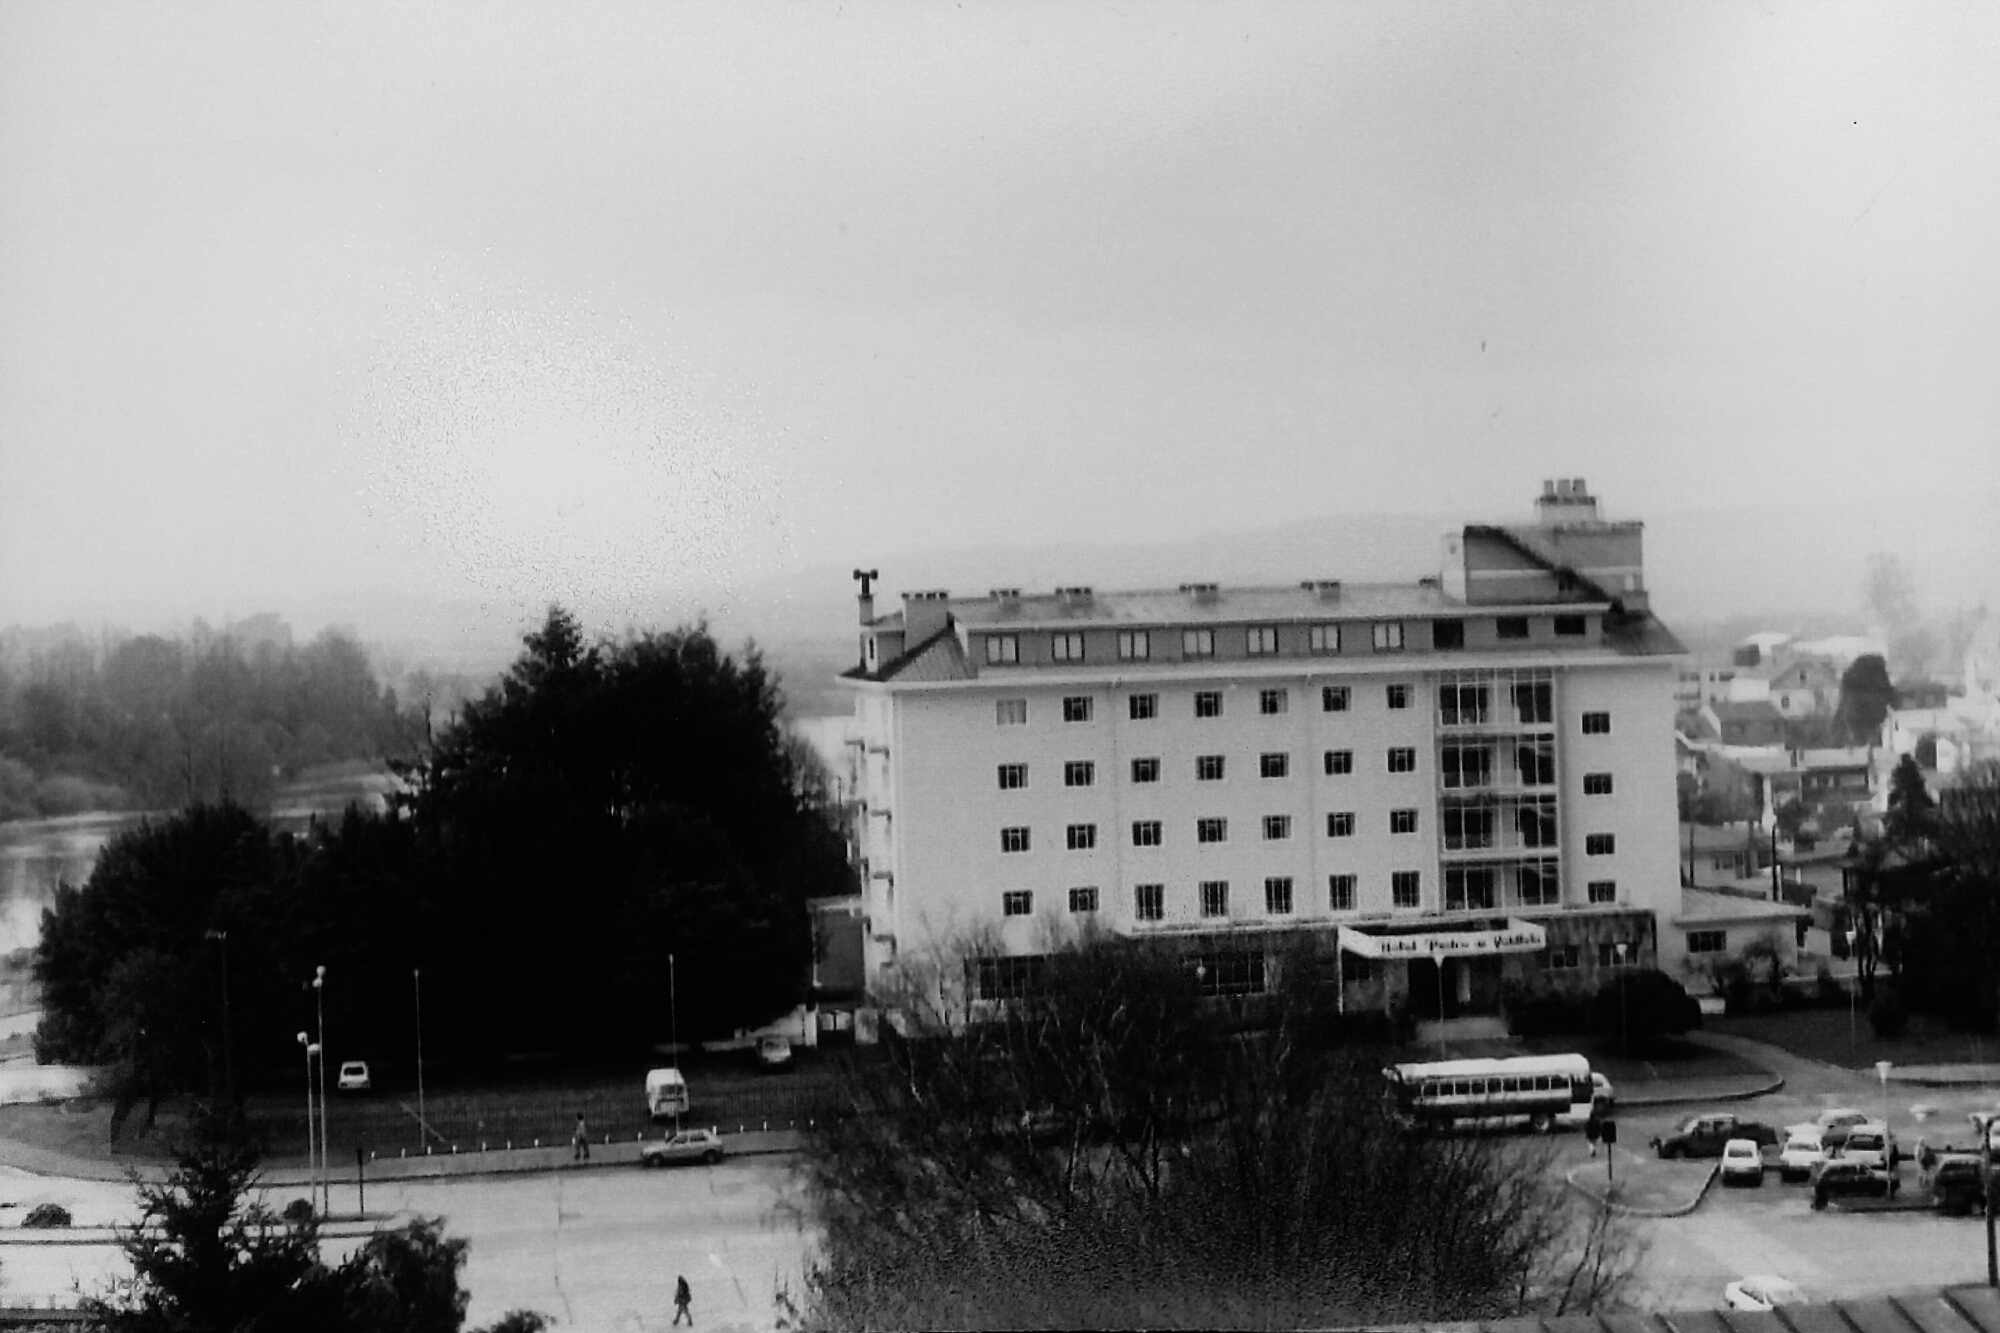 Enterreno - Fotos históricas de chile - fotos antiguas de Chile - Hotel Pedro de Valdivia, Valdivia 1992